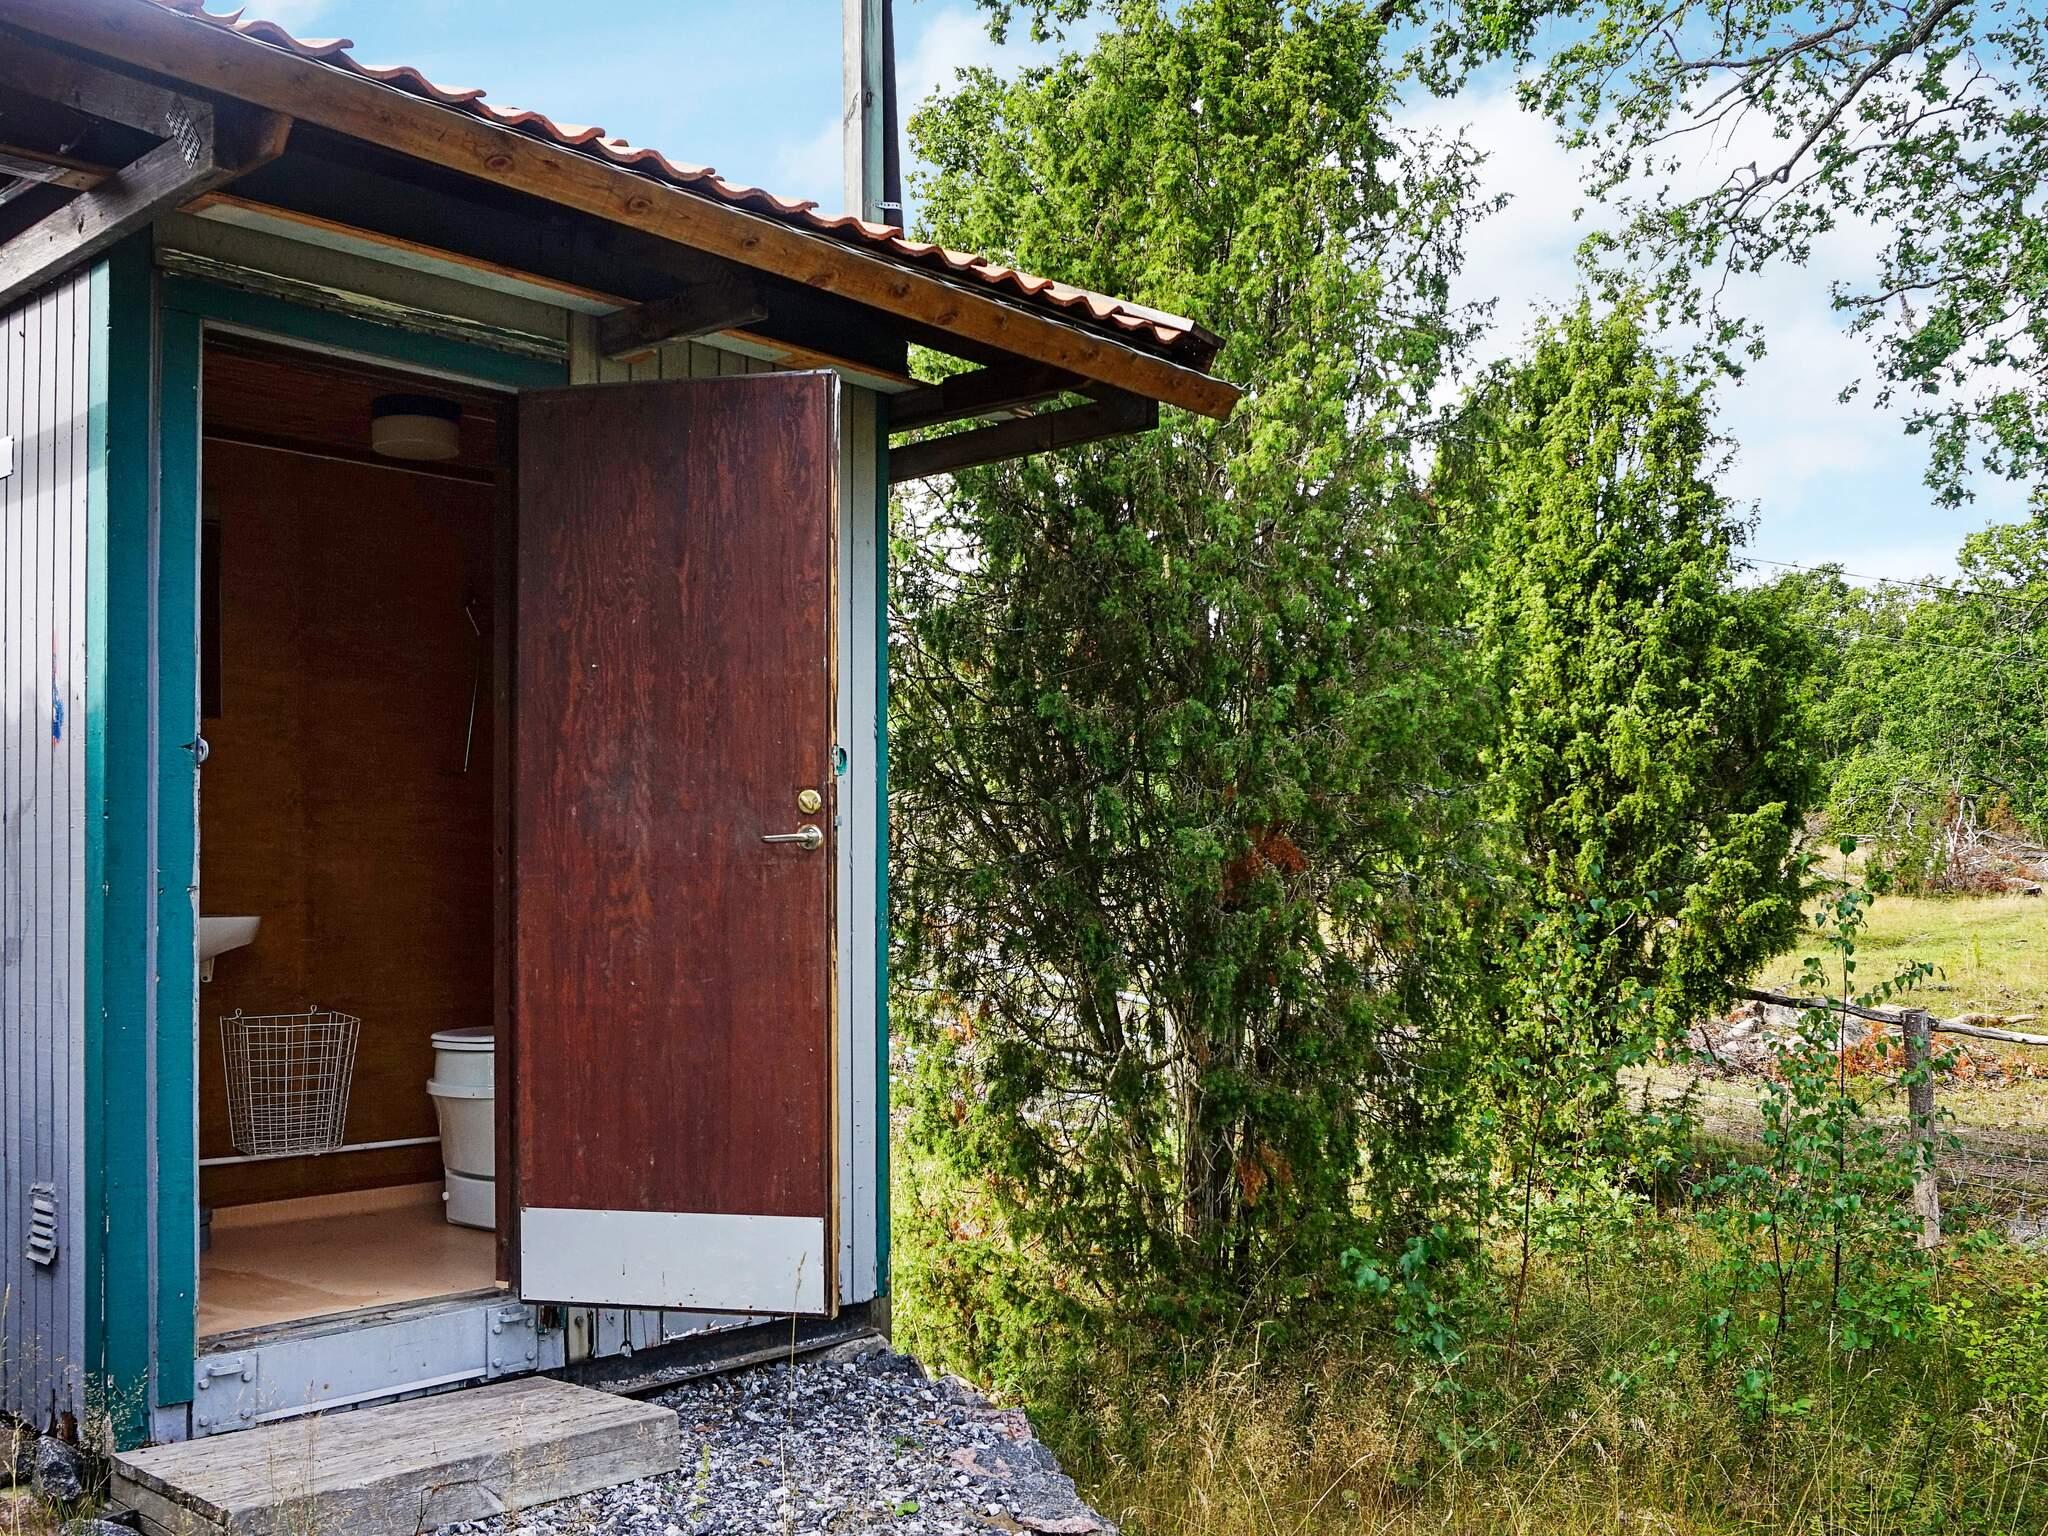 Ferienhaus Gryt (502645), Valdemarsvik, Östergötlands län, Südschweden, Schweden, Bild 12